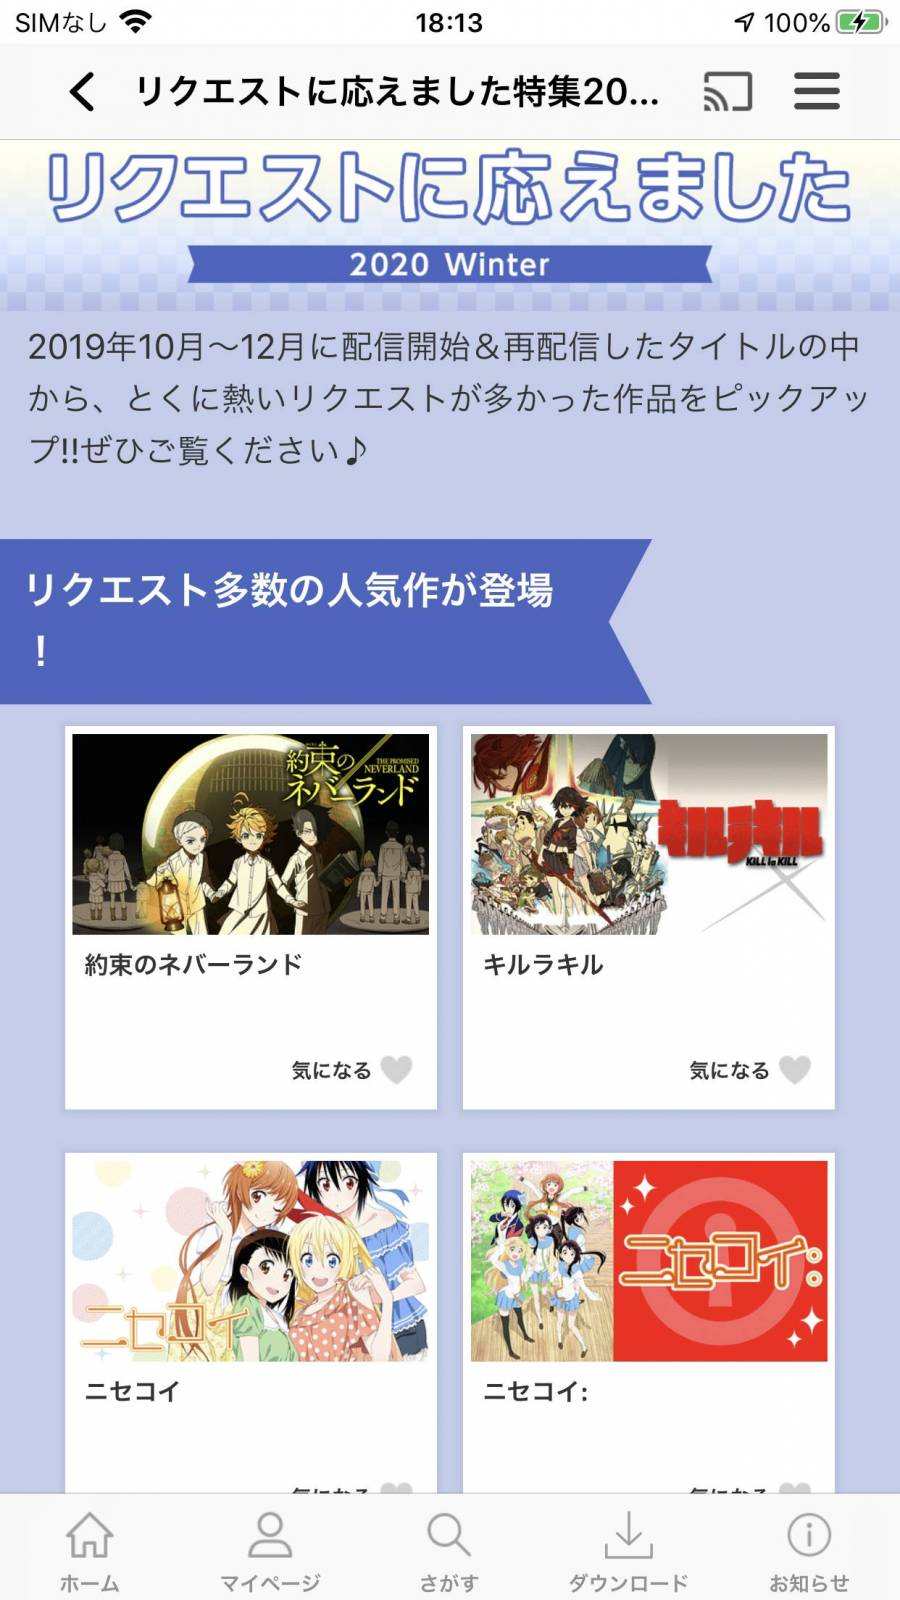 dアニメストア リクエストページ